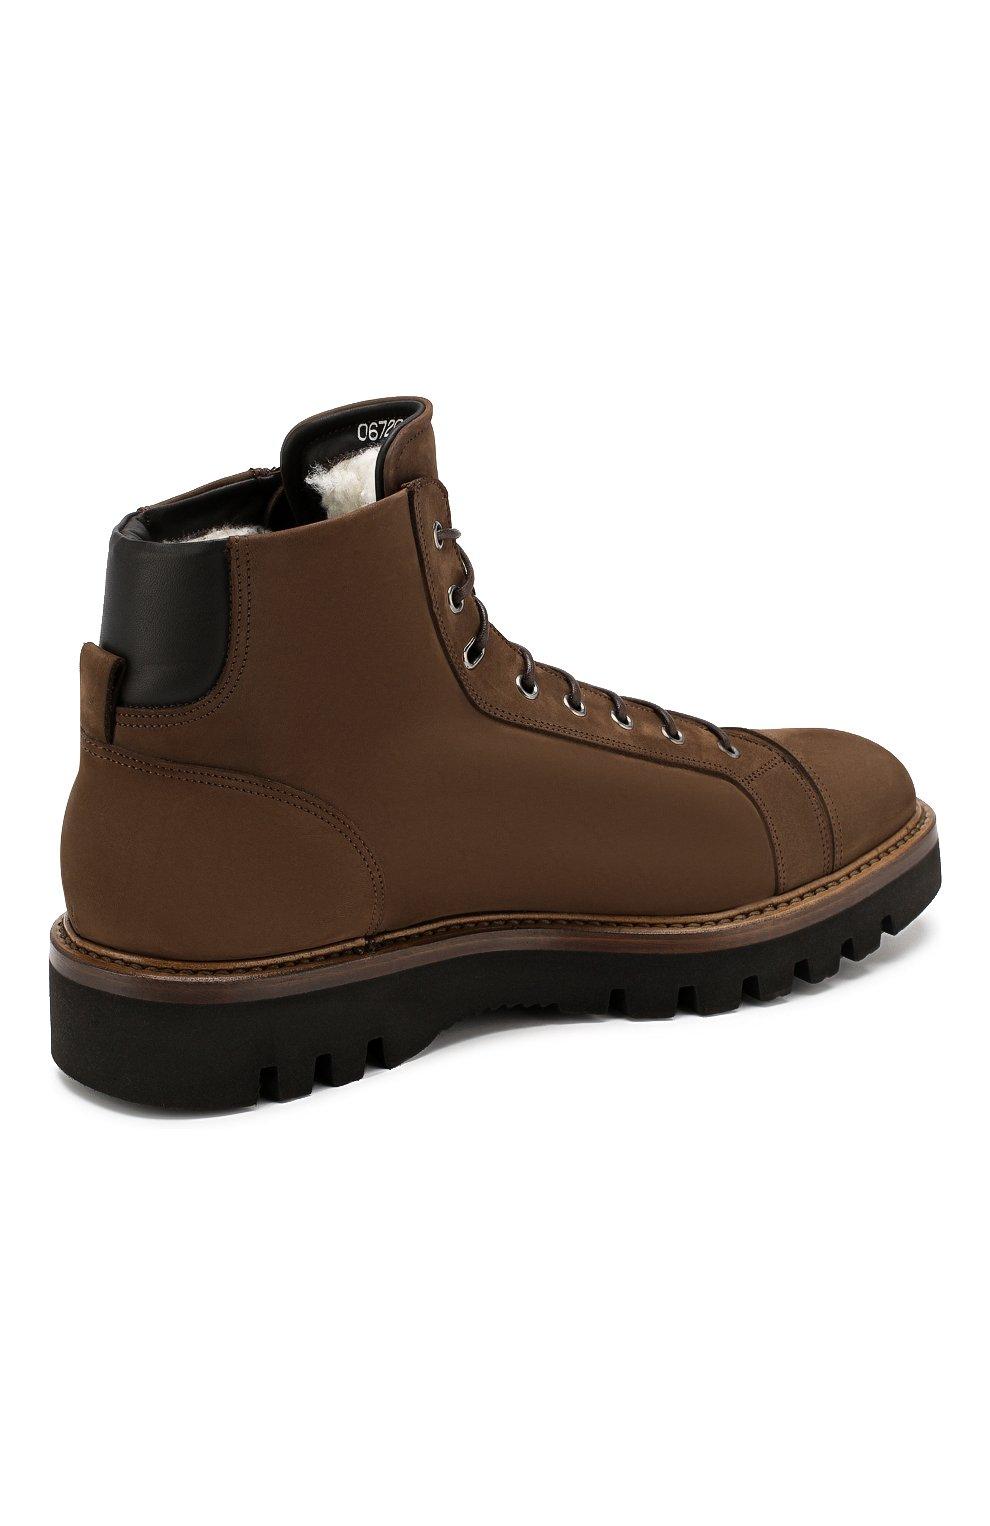 Мужские замшевые ботинки W.GIBBS коричневого цвета, арт. 0672001/1804   Фото 4